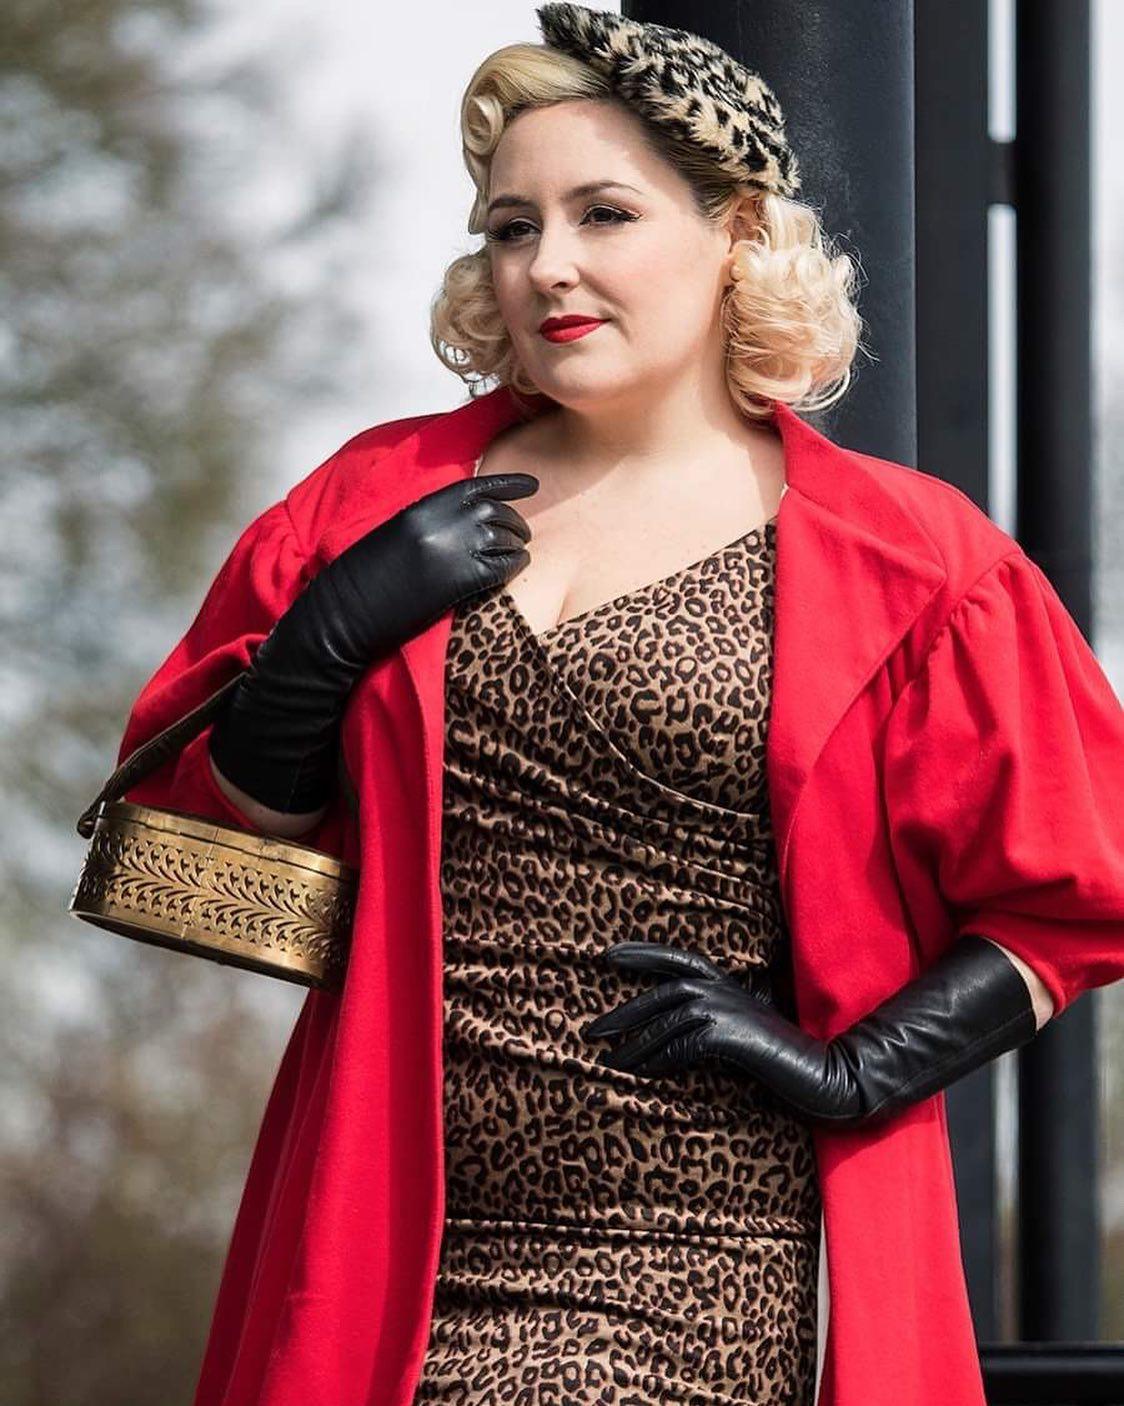 d01c226c823 Barbie x Unique Vintage 1960s Style Red Flare Swing Coat